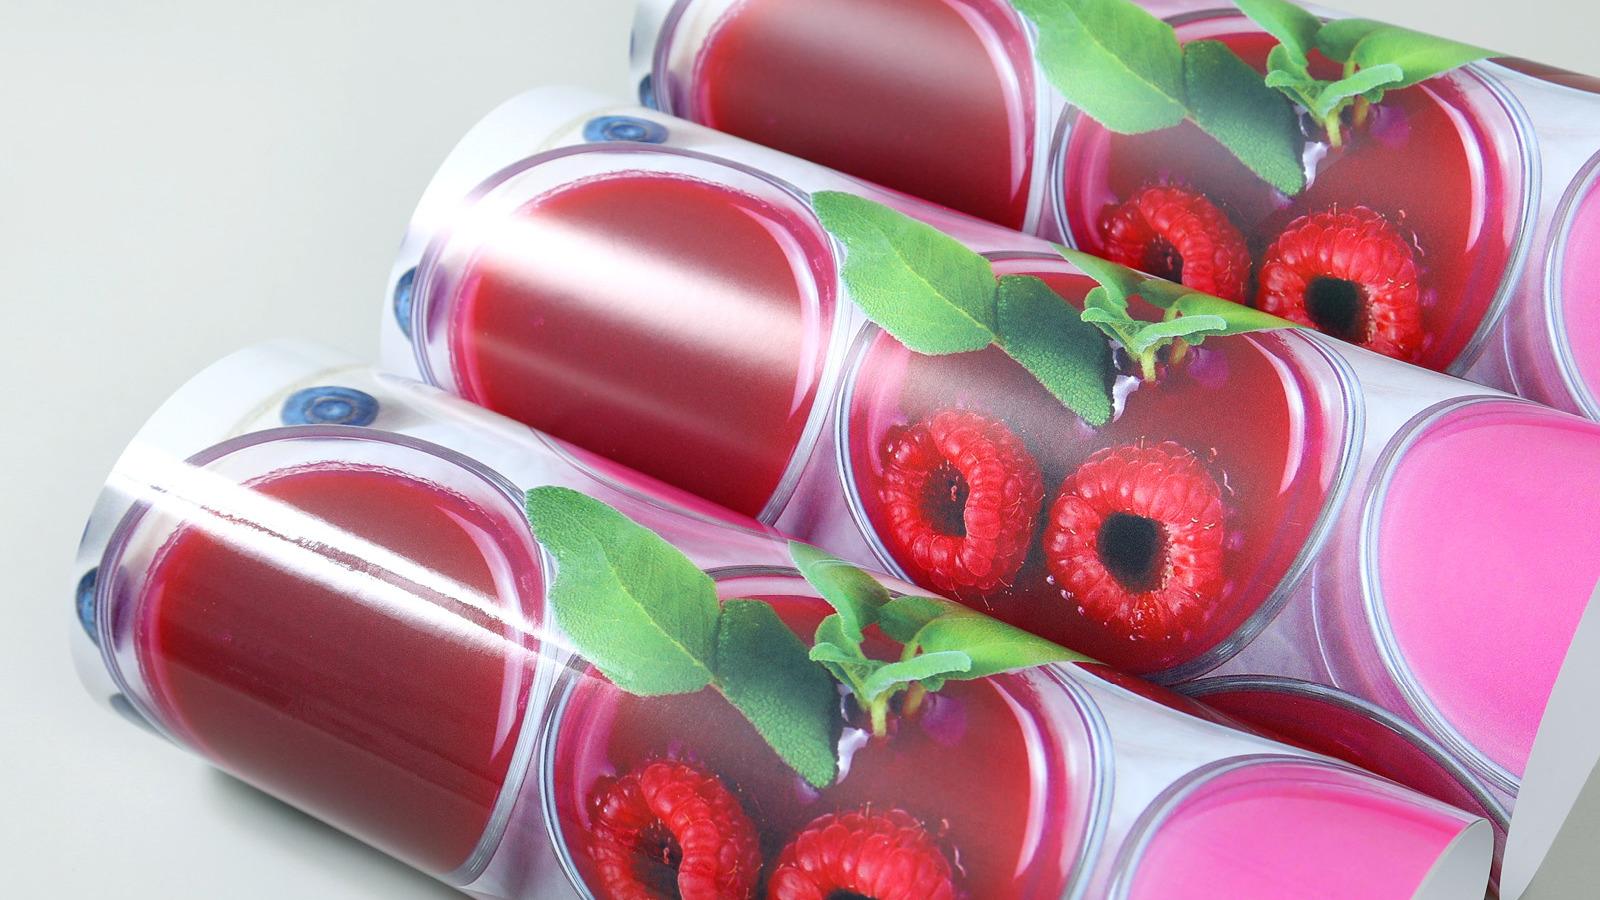 Wandklebefolie selbst gestalten mit UV-Schutz in Matt oder Glanz